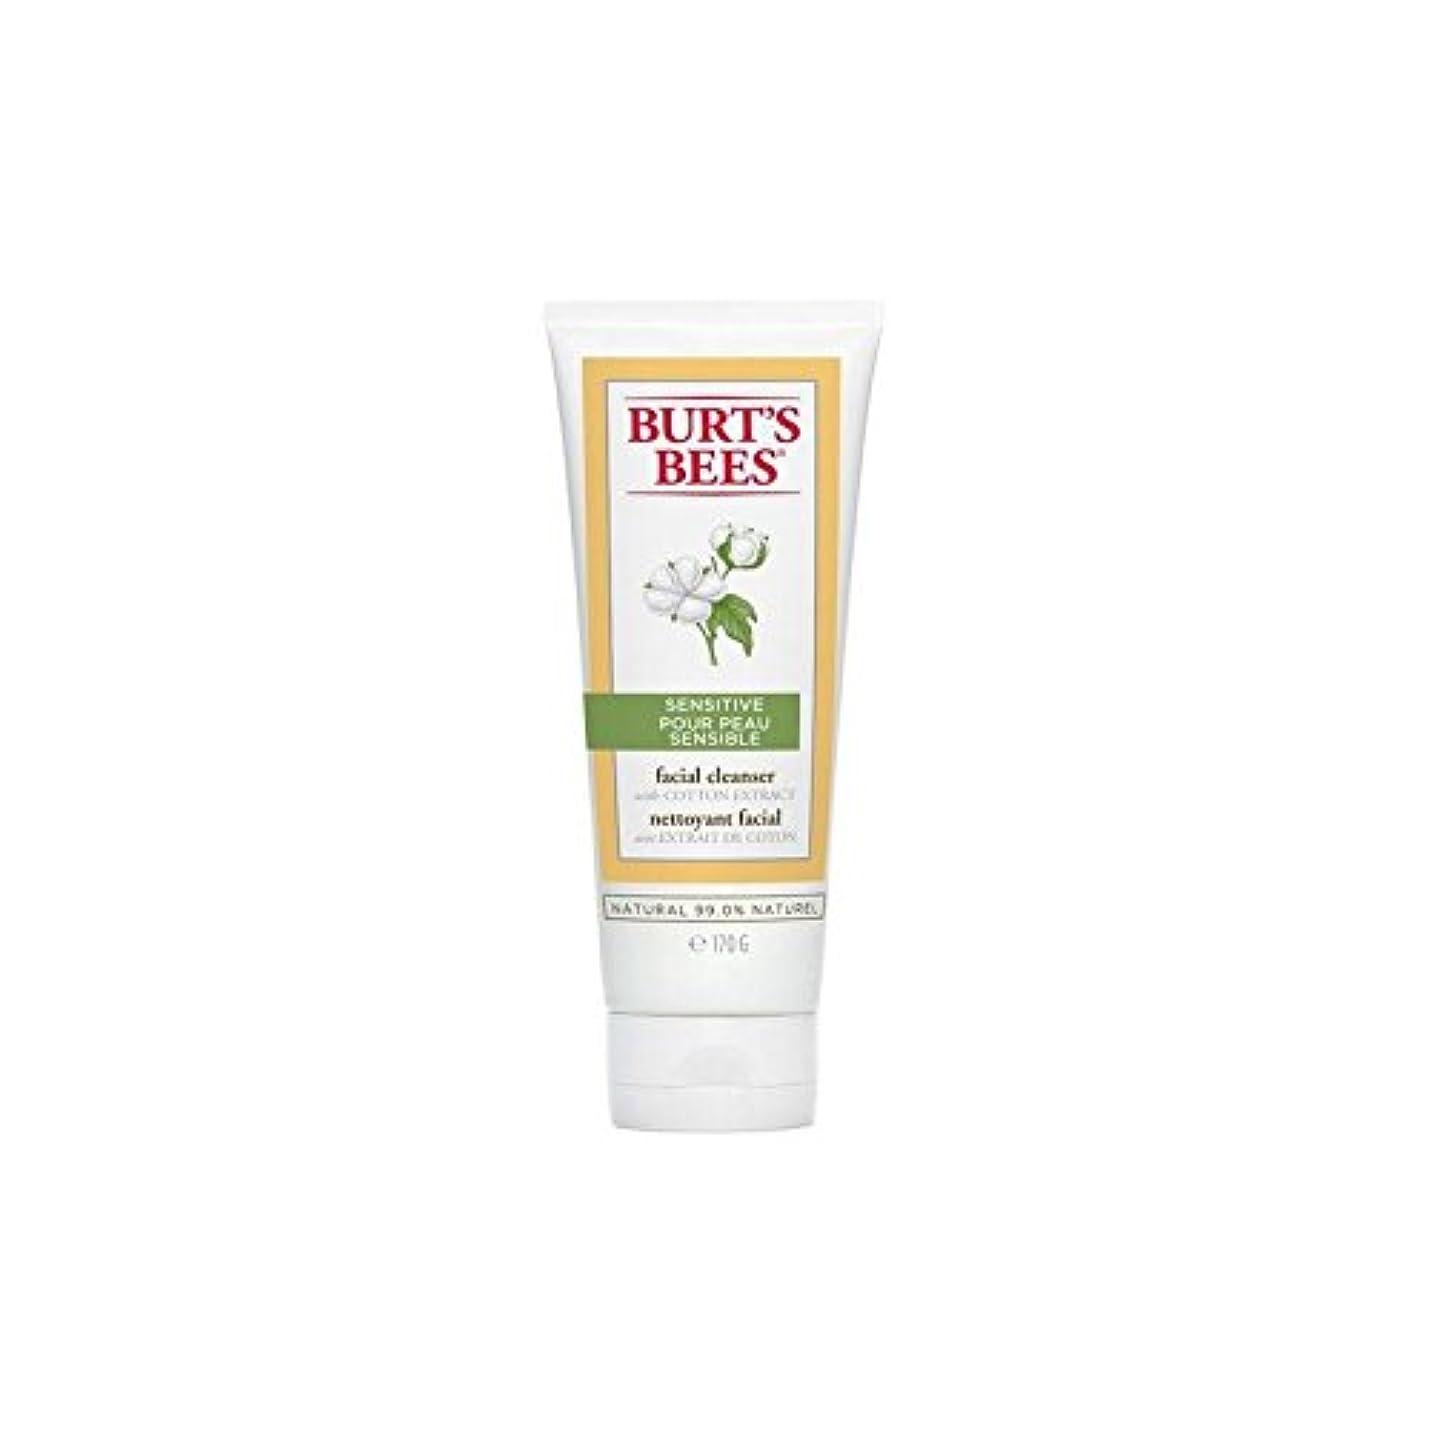 推定する敬意を表する抑圧バーツビー敏感な洗顔料の170グラム x2 - Burt's Bees Sensitive Facial Cleanser 170G (Pack of 2) [並行輸入品]